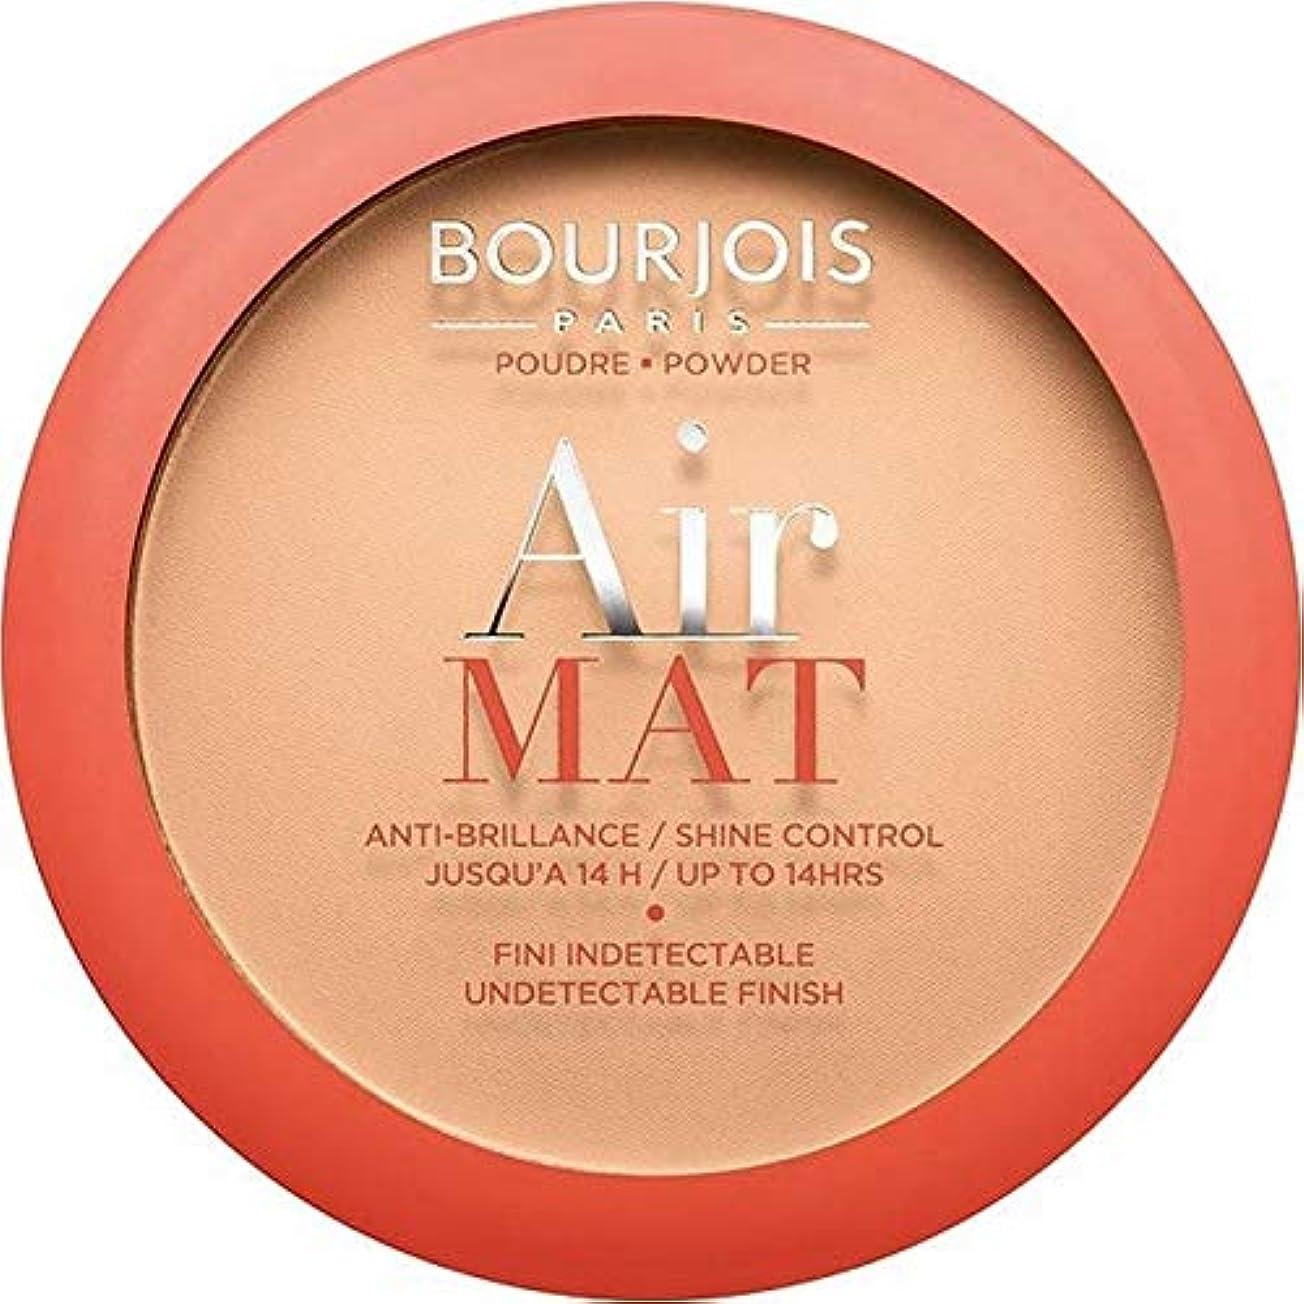 洗練介入する地中海[Bourjois ] ブルジョワエアーマットは、粉末を押す - アプリコットベージュ - Bourjois Air Mat Pressed Powder - Apricot Beige [並行輸入品]